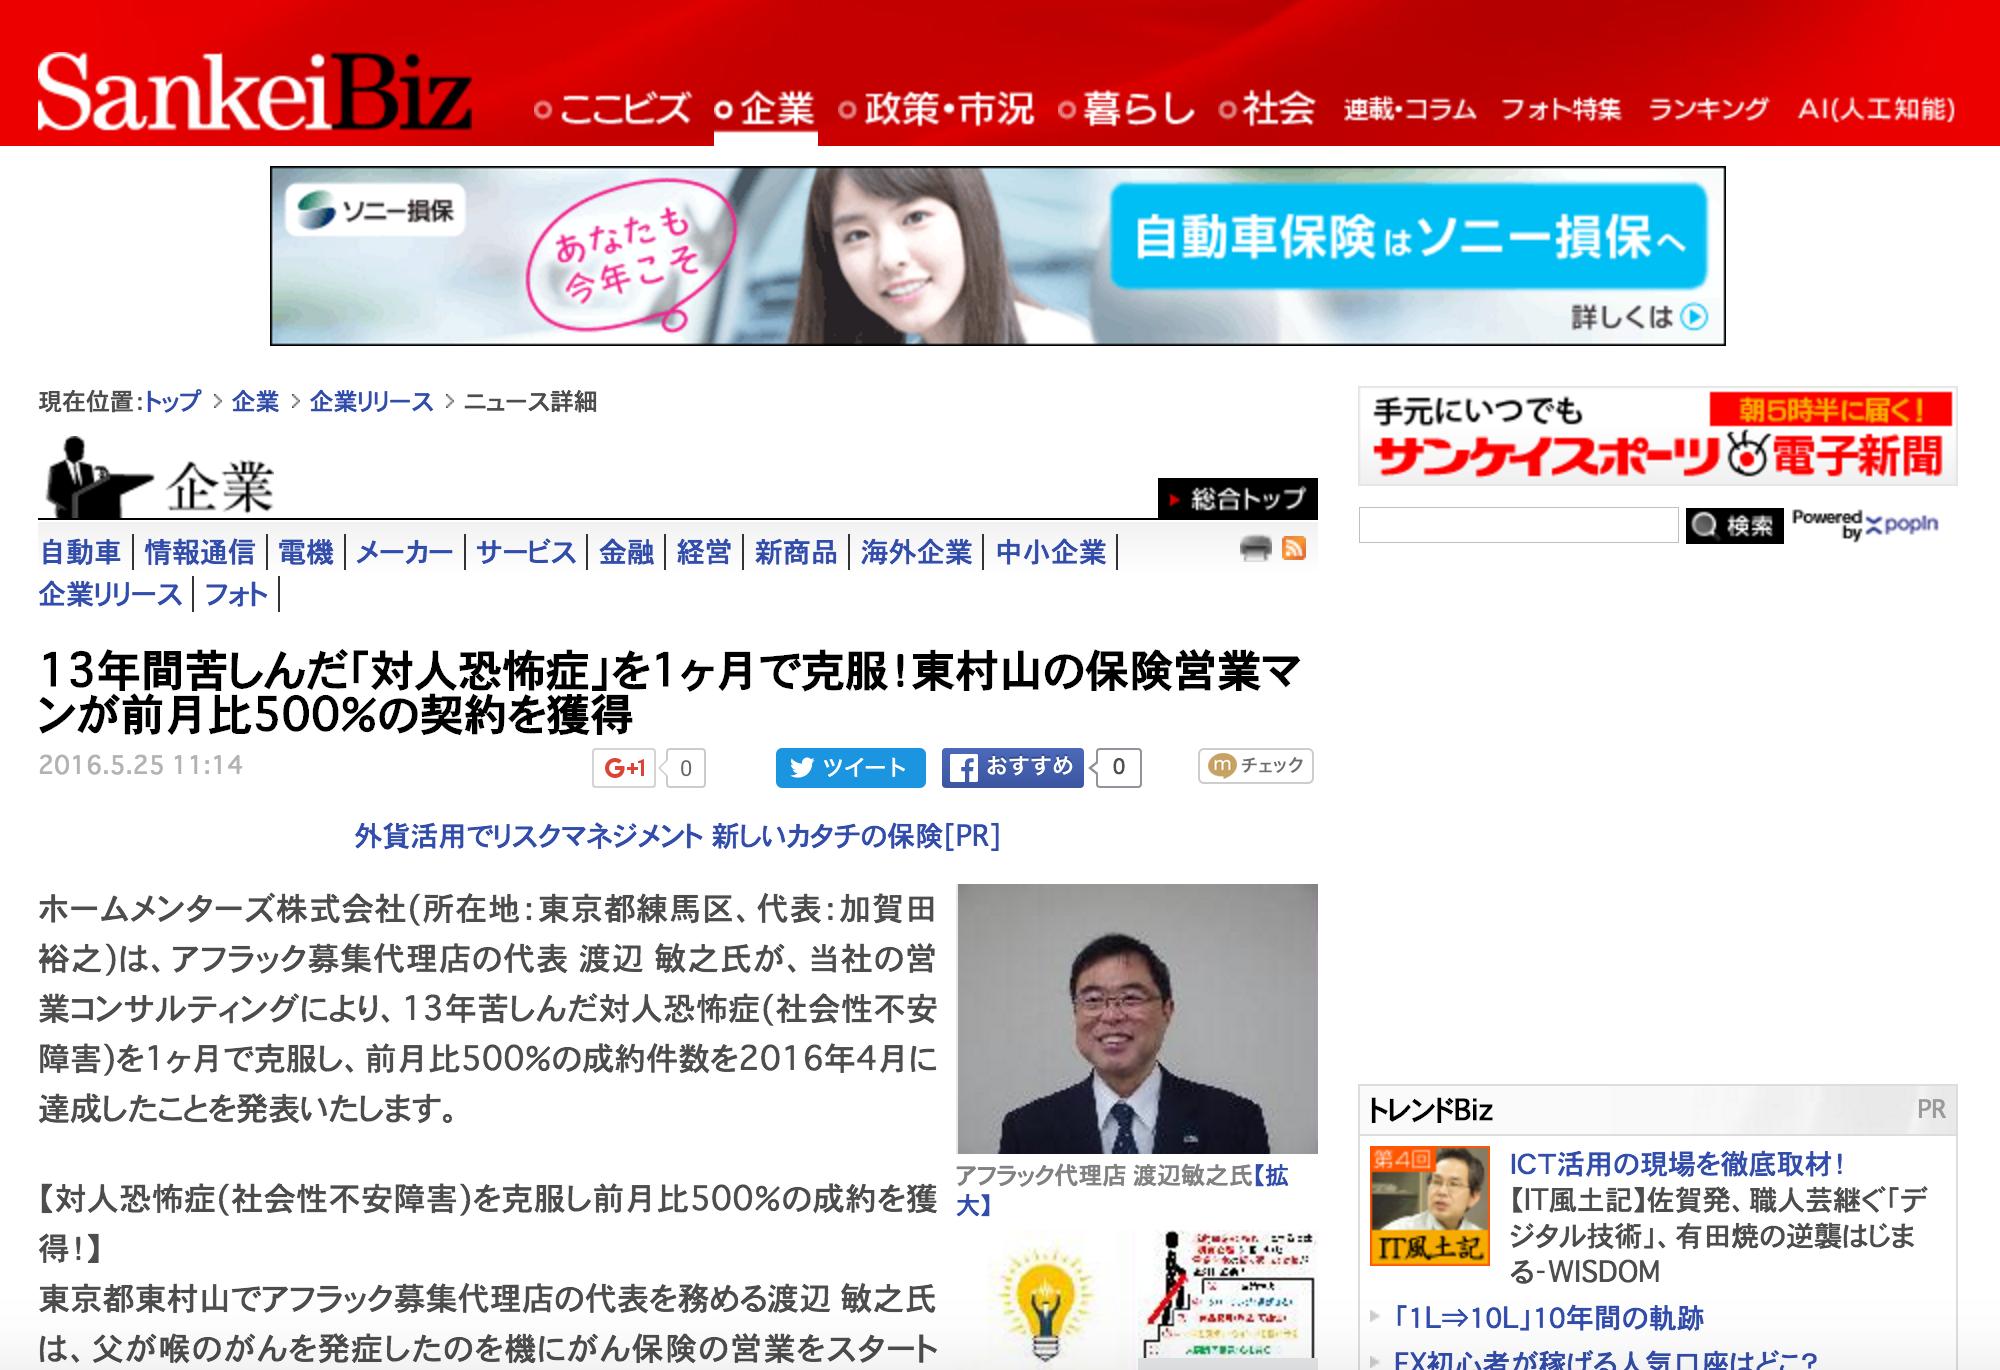 営業セミナー:SANKEI BIZ掲載